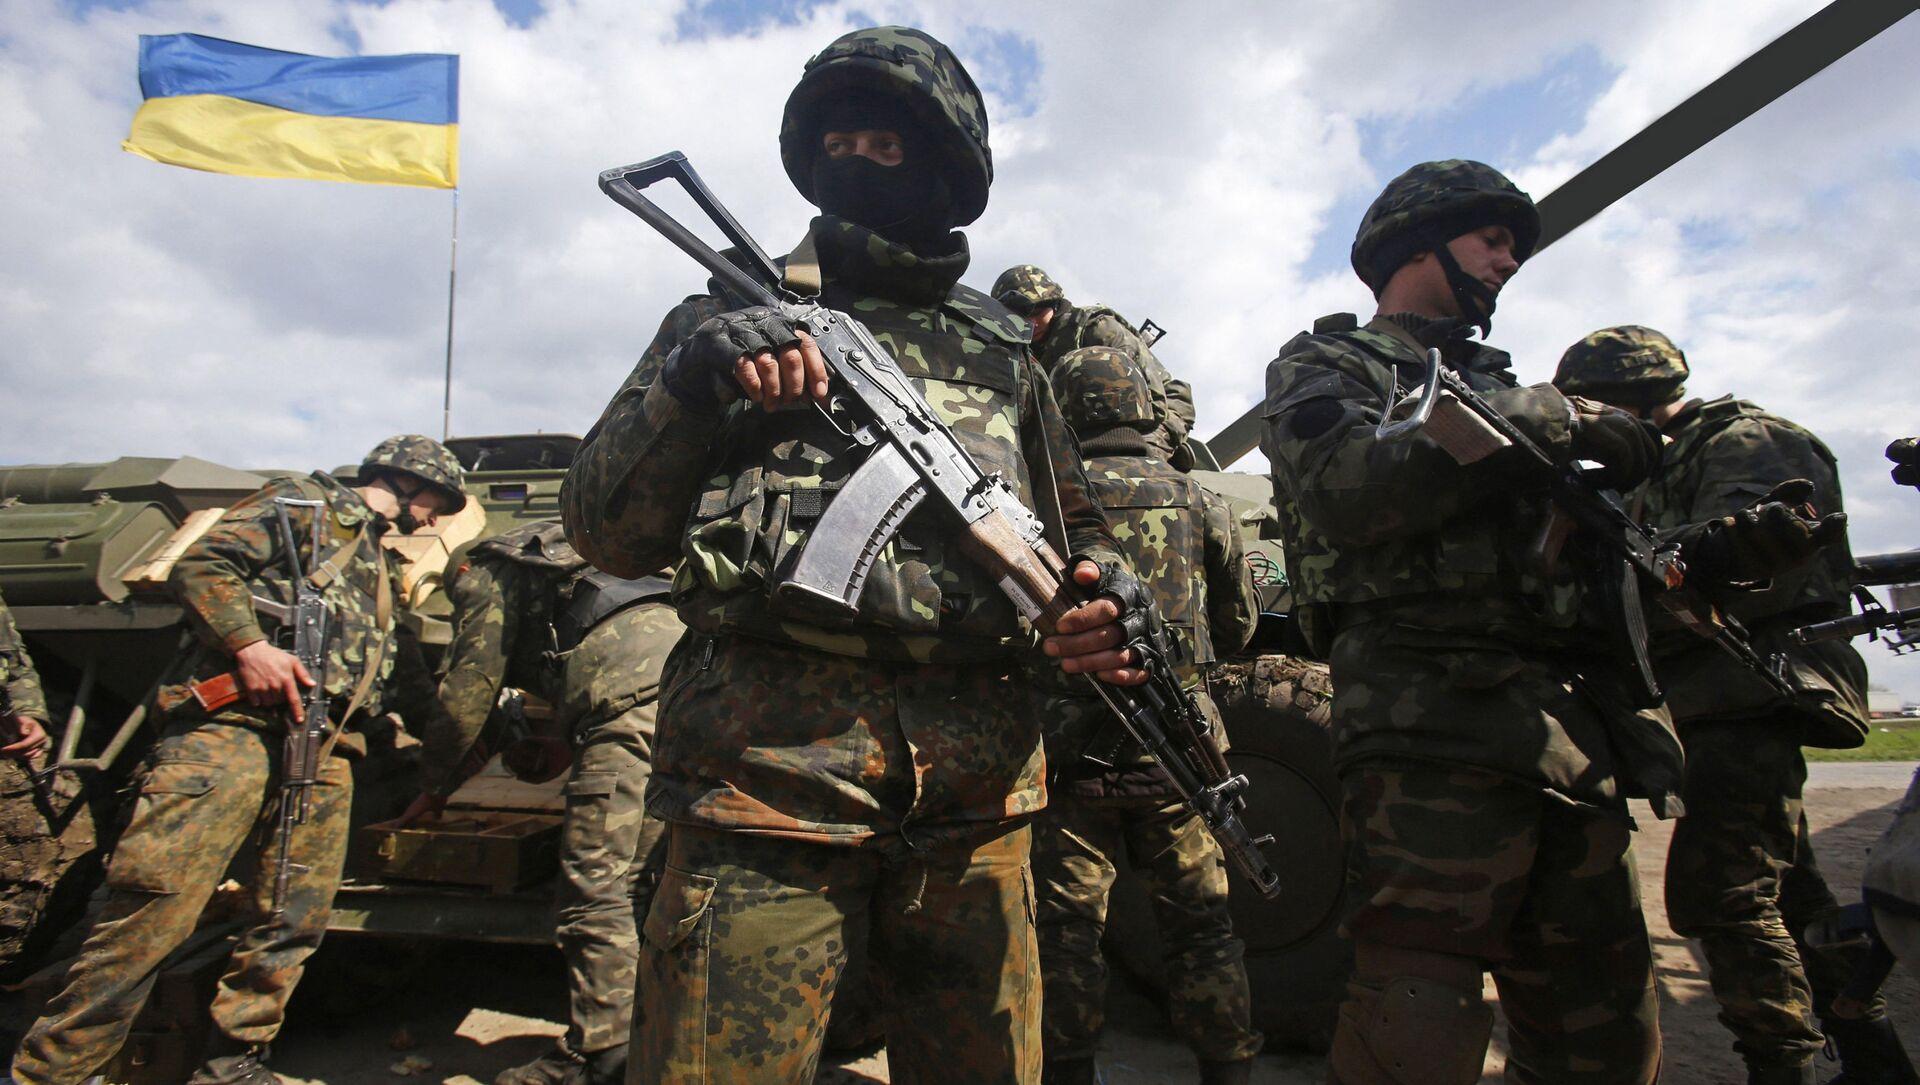 Украјински војници на линији разграничења у Донбасу - Sputnik Србија, 1920, 09.04.2021